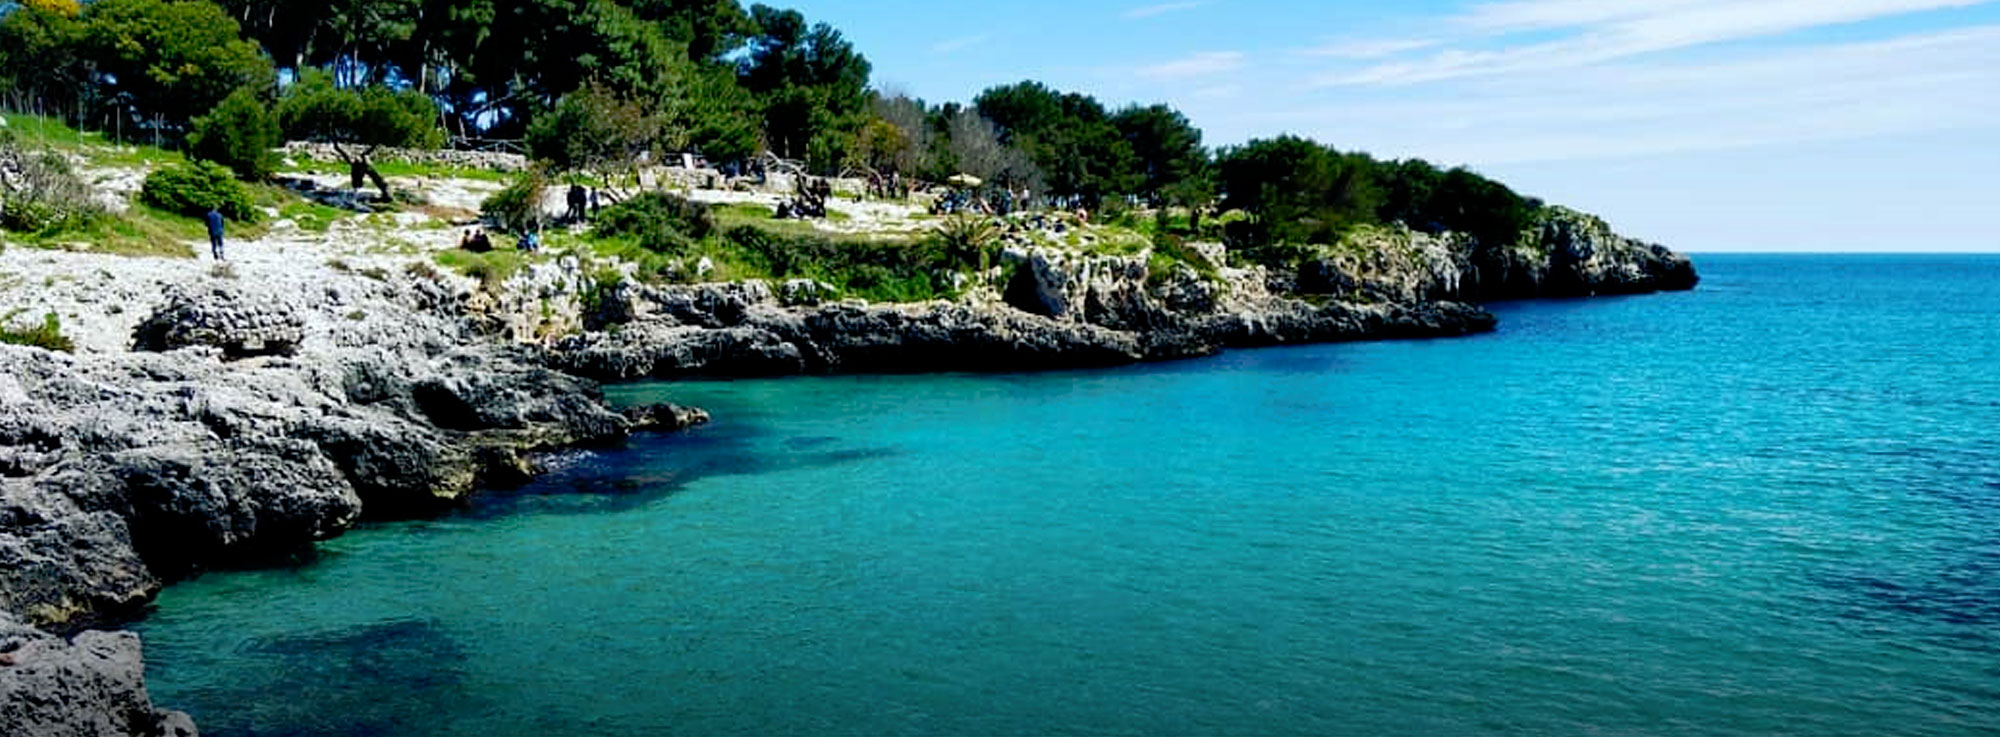 Porto Badisco, approdo di Enea sulle coste pugliesi - Puglia.com